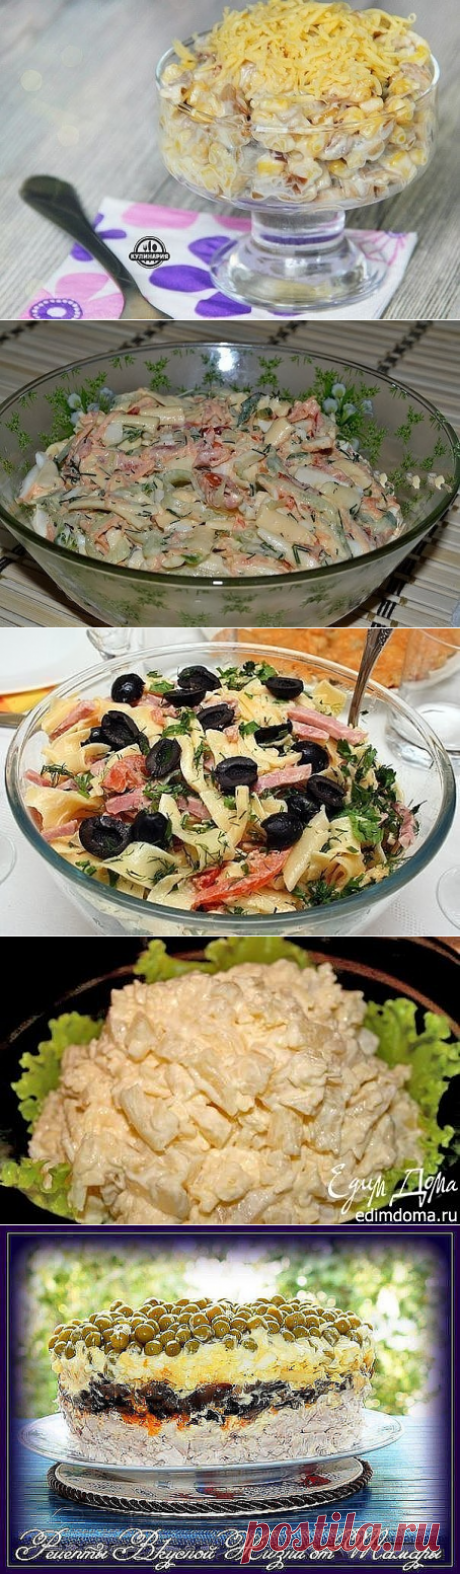 25 рецептов салата с сыром.